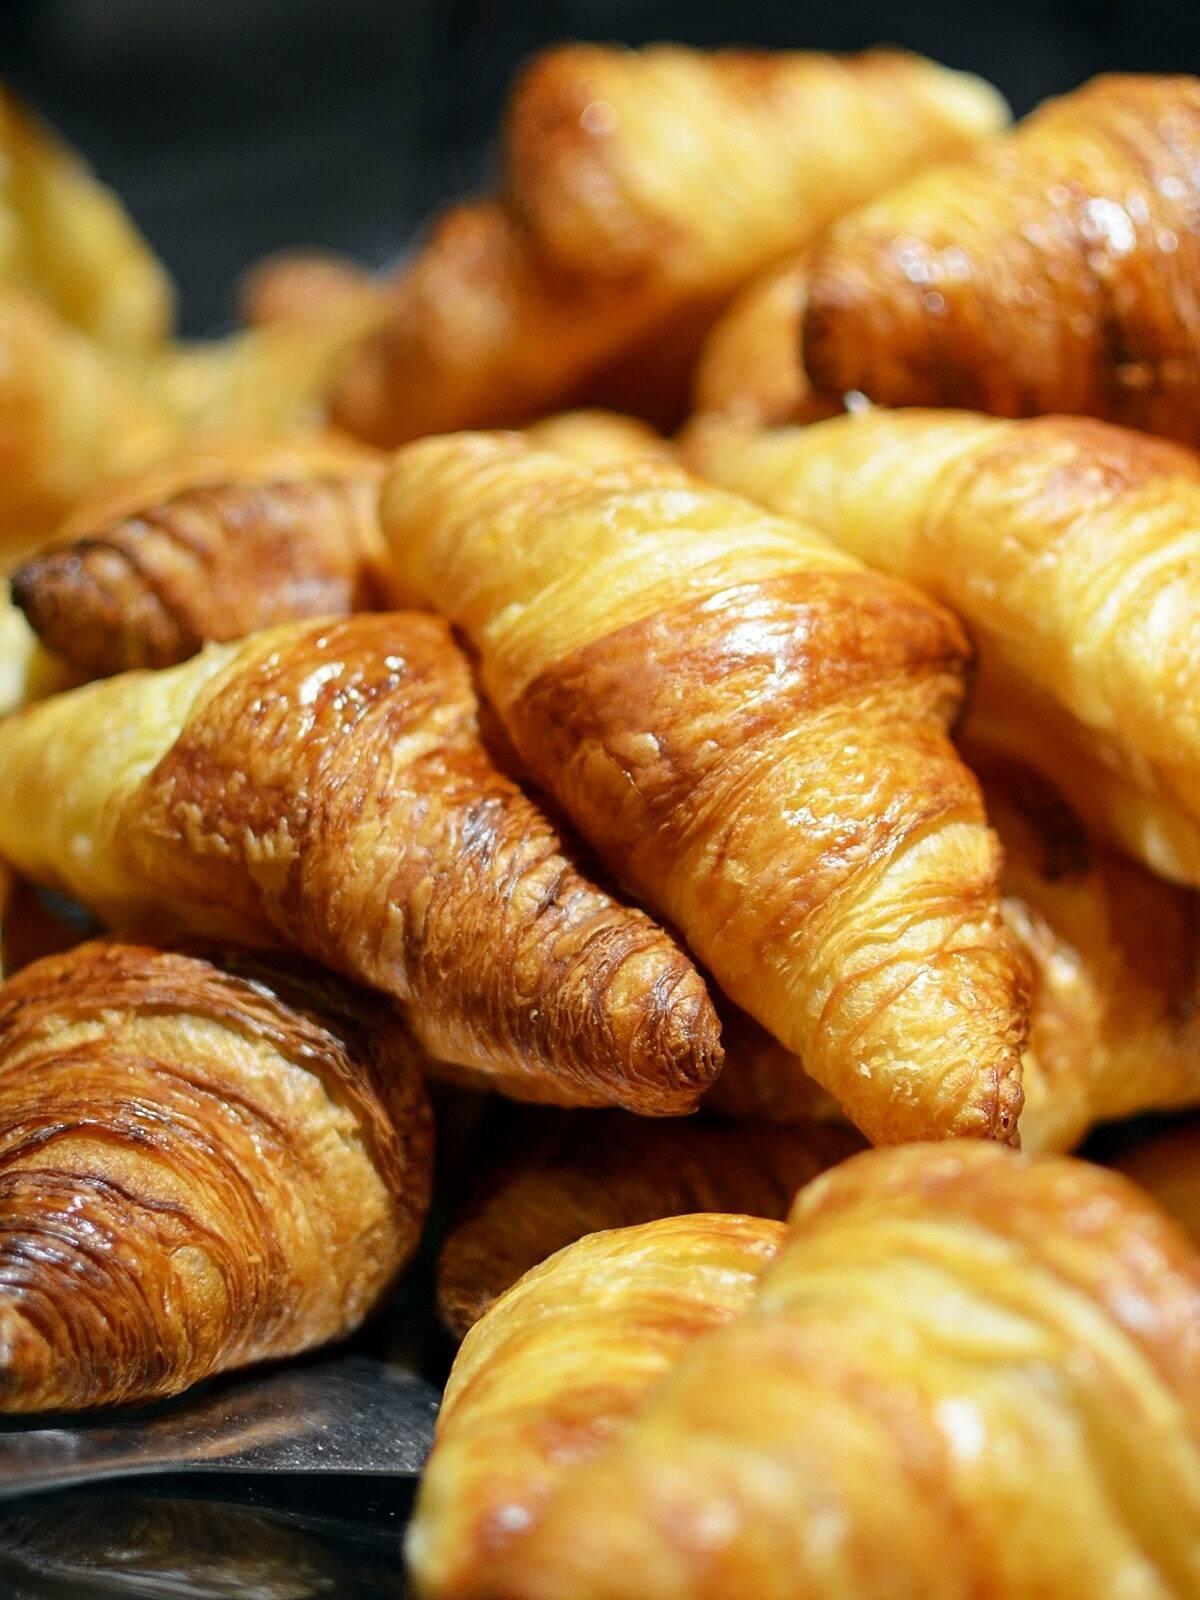 Depois de retirá-los, deixe-os esfriar por alguns minutos e você poderá servir seus croissants recheados com chocolate. Você também pode adicionar raspas de chocolate, por cima. (Foto: Pexels)